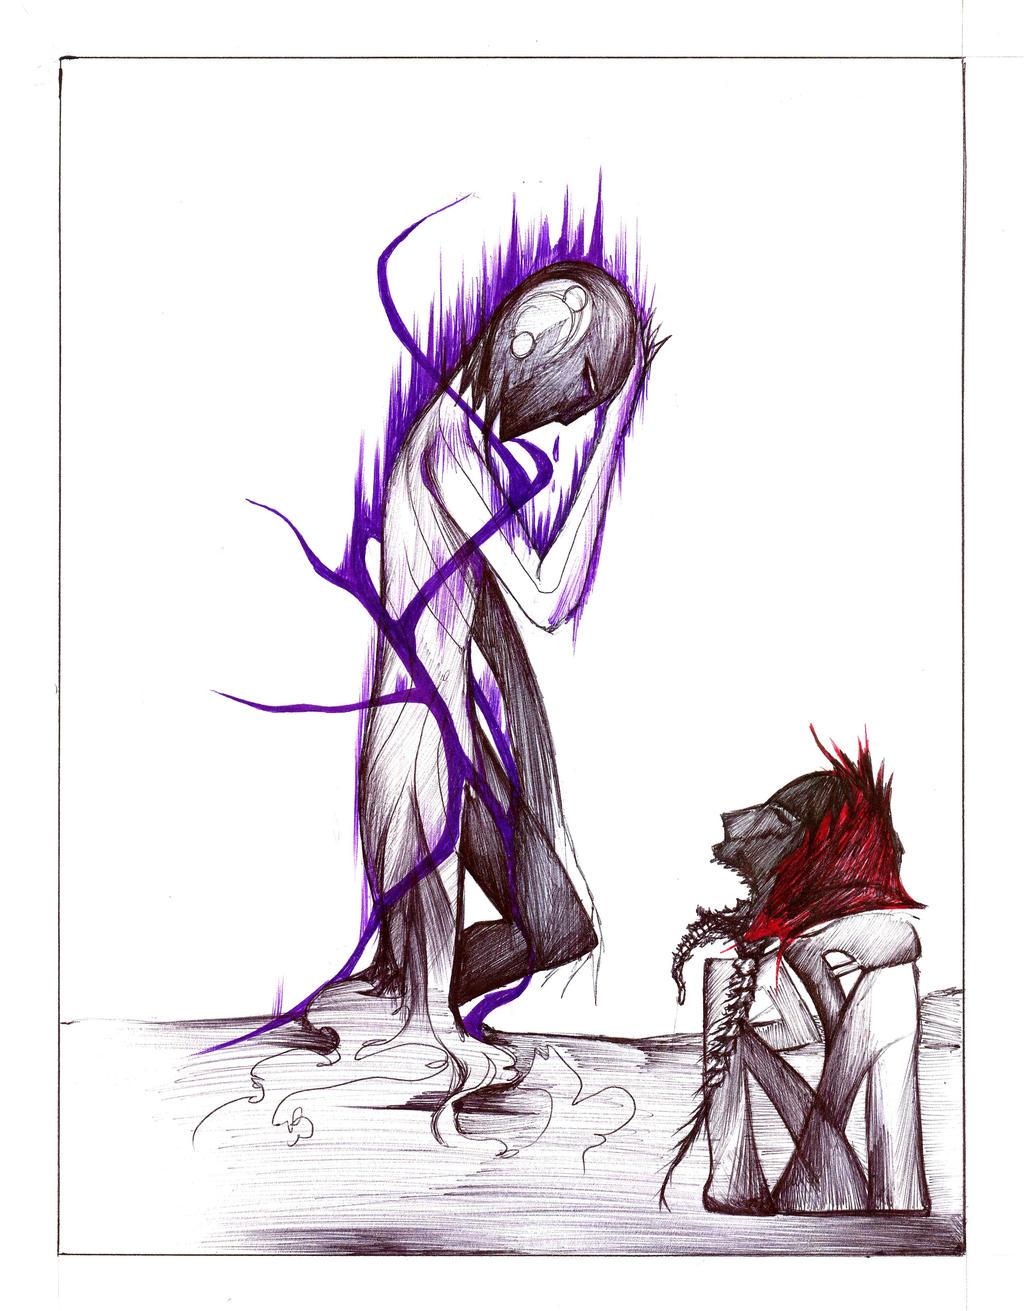 GYREN - Regret by Antervantei